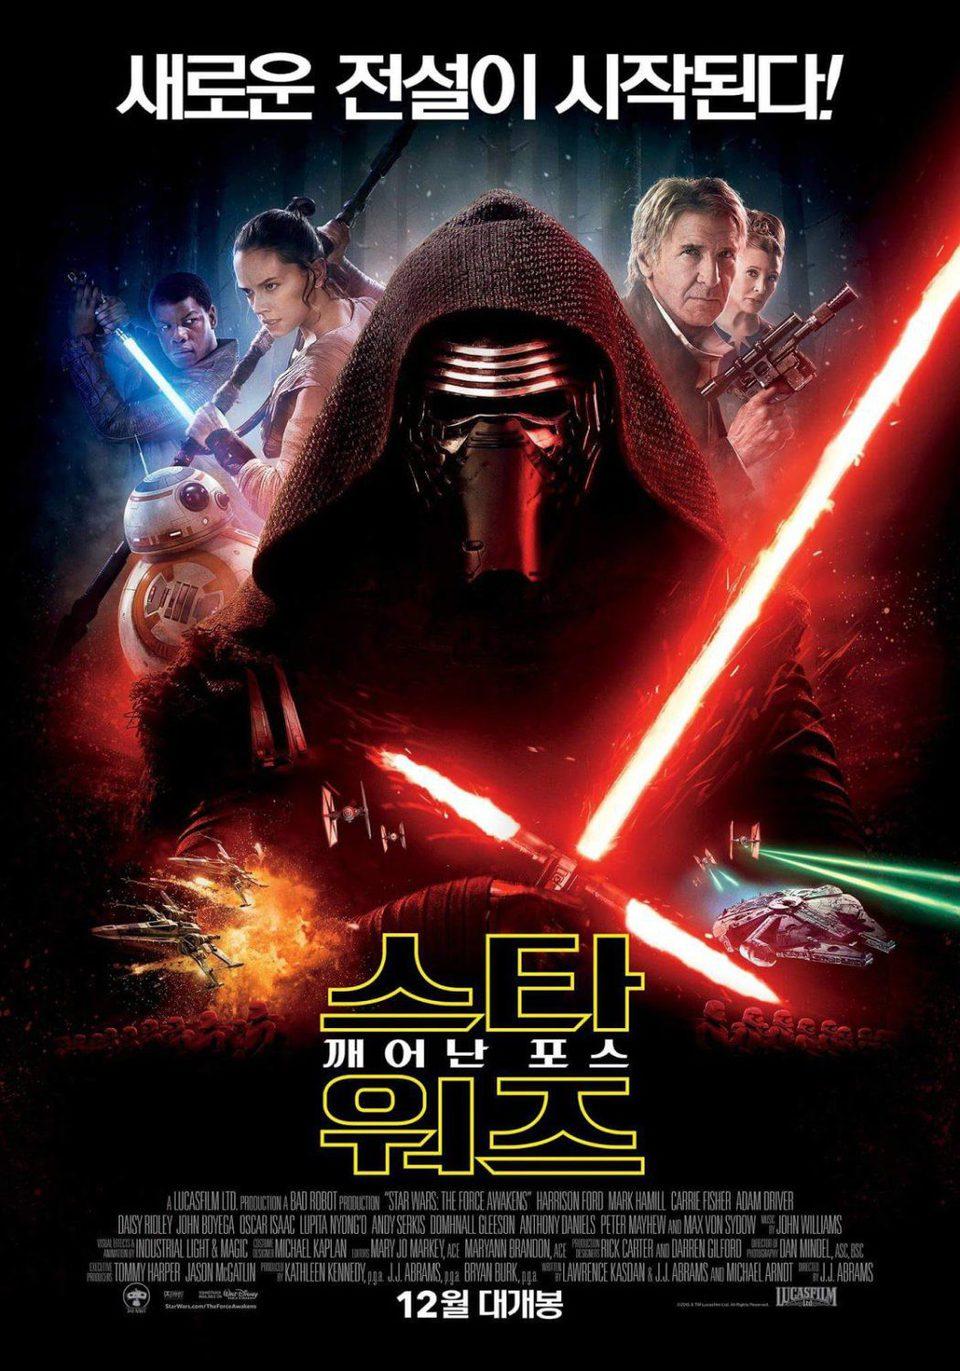 Cartel Japón de 'Star Wars: Episodio VII - El despertar de la fuerza'